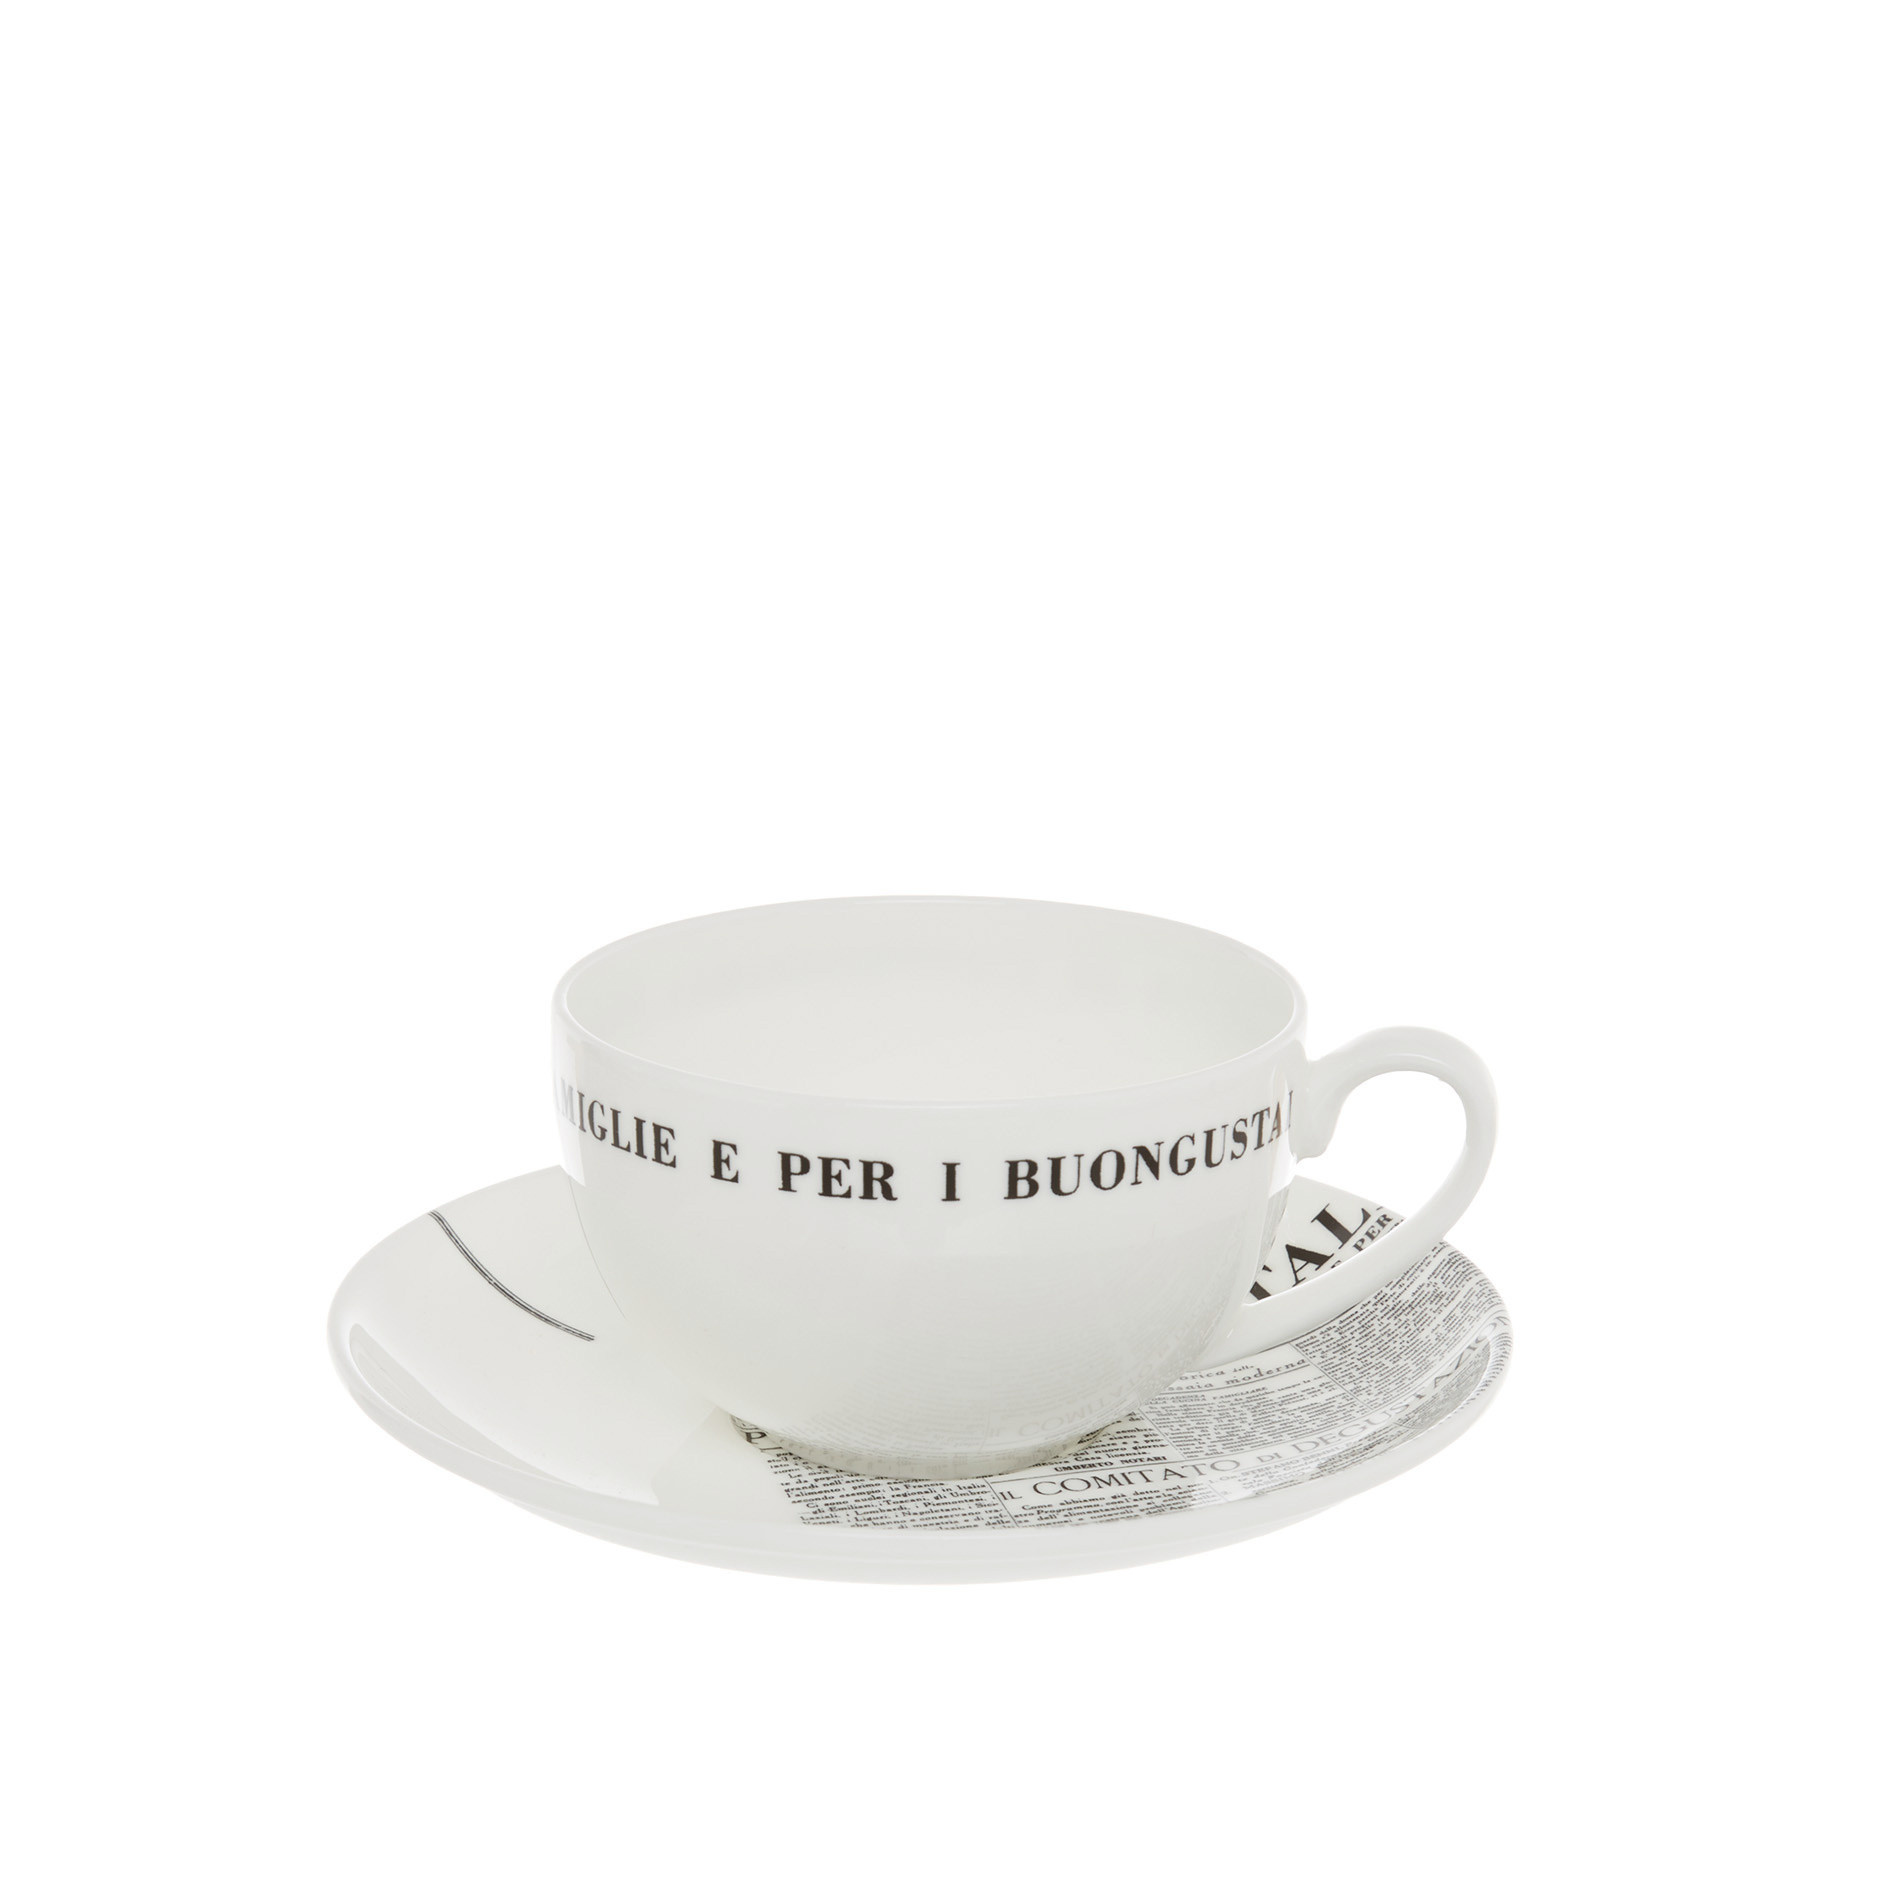 Tazza tea fine bone china decoro geometric La Cucina Italiana, Bianco, large image number 0